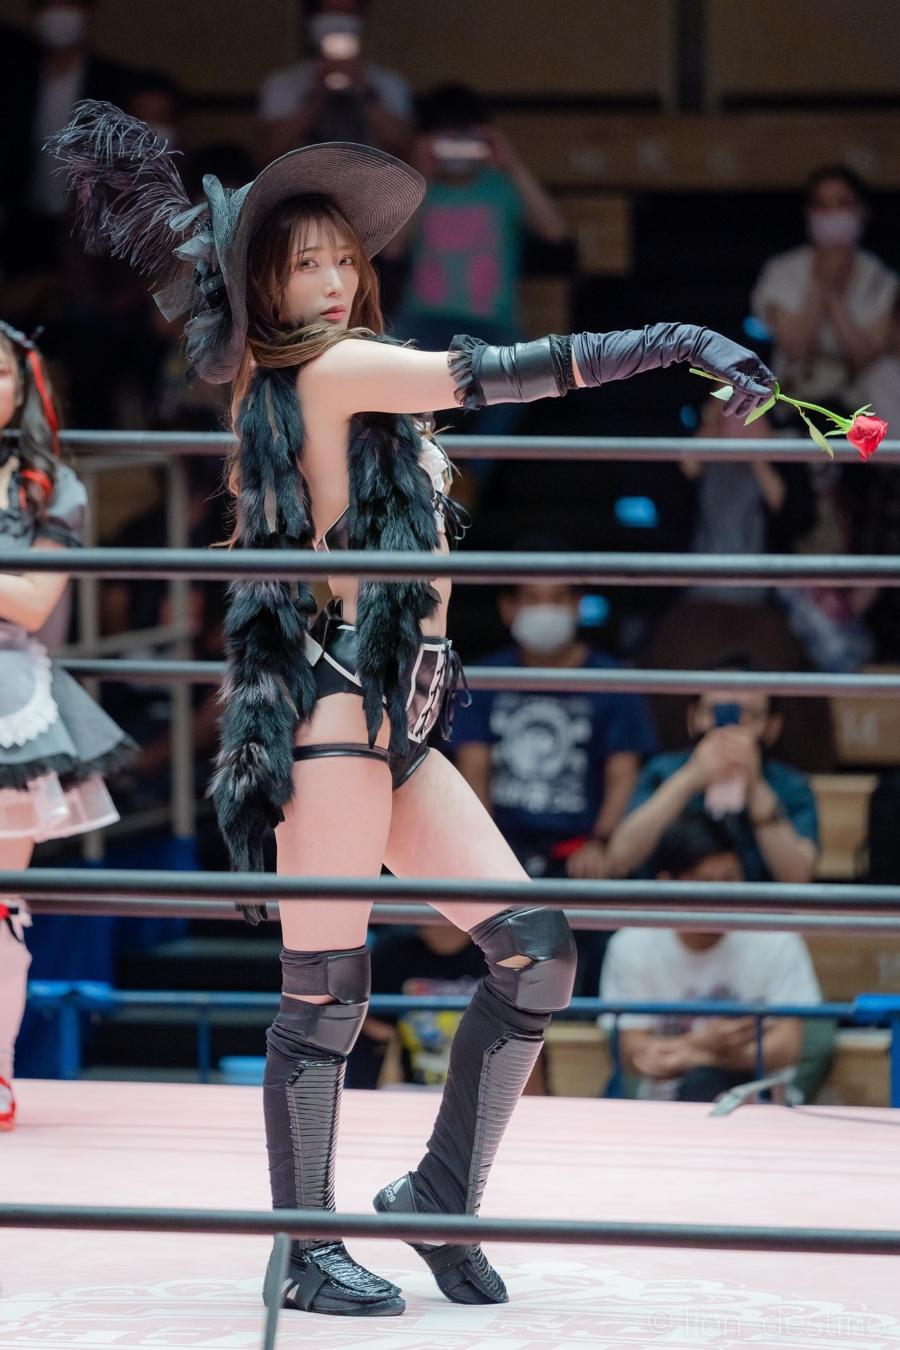 Saki Akai xinh đẹp trên đấu trường